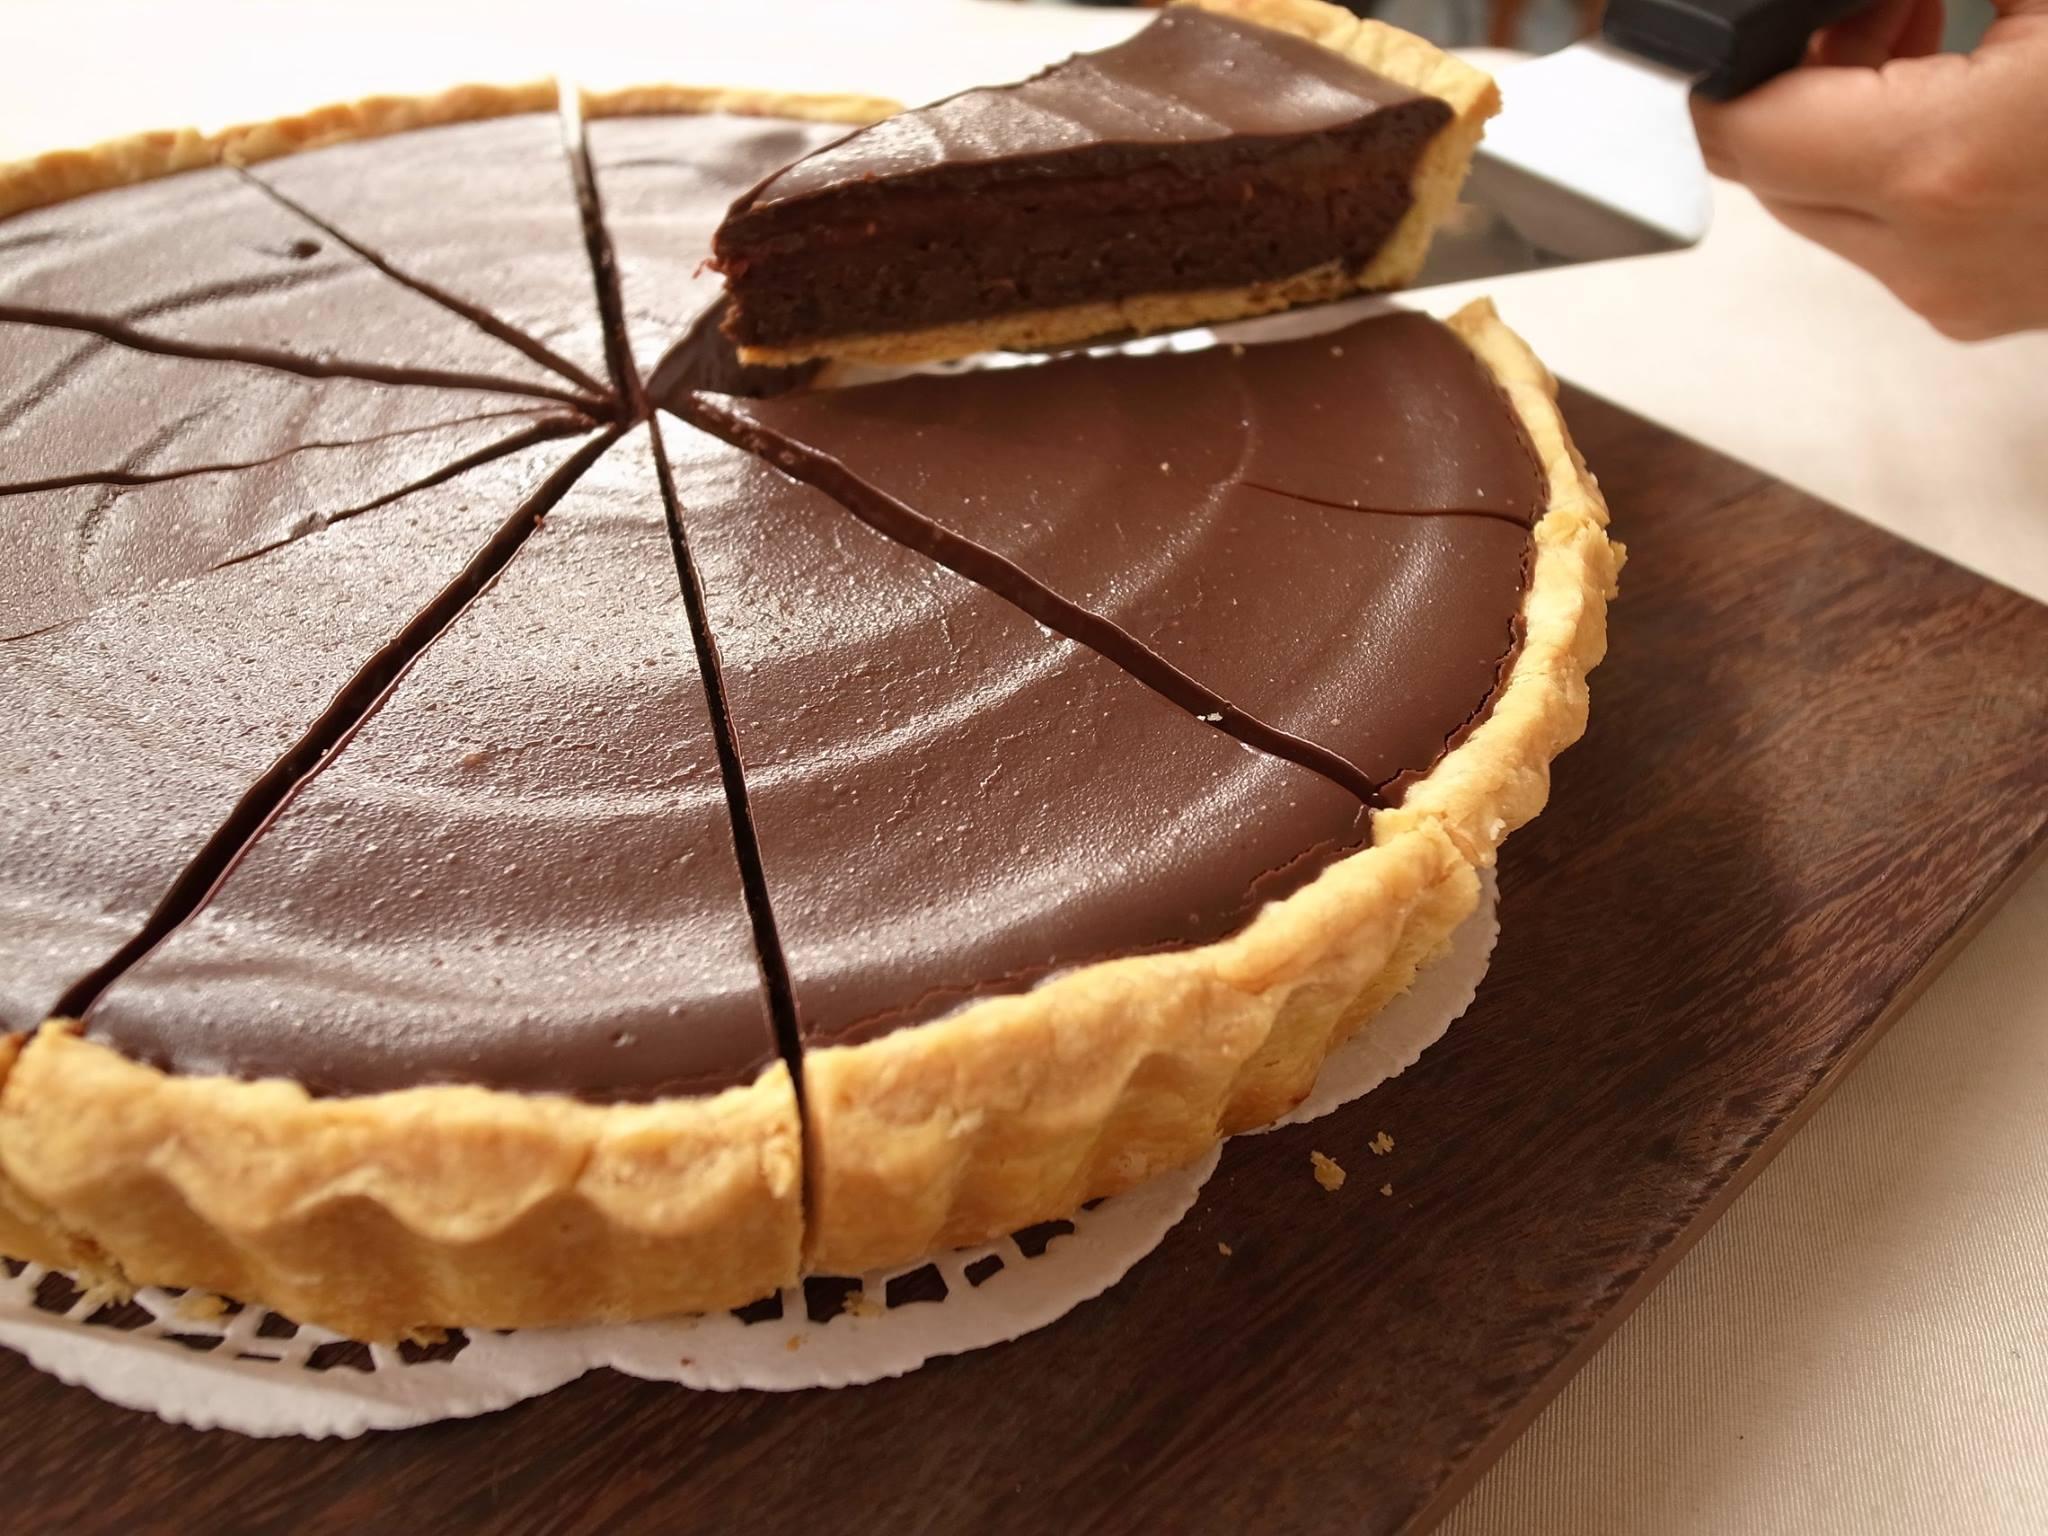 美味的「香蕉覆盆子巧克力塔」,是小編在拾米屋最愛的甜點。(圖片來源/北投拾米屋粉絲團)